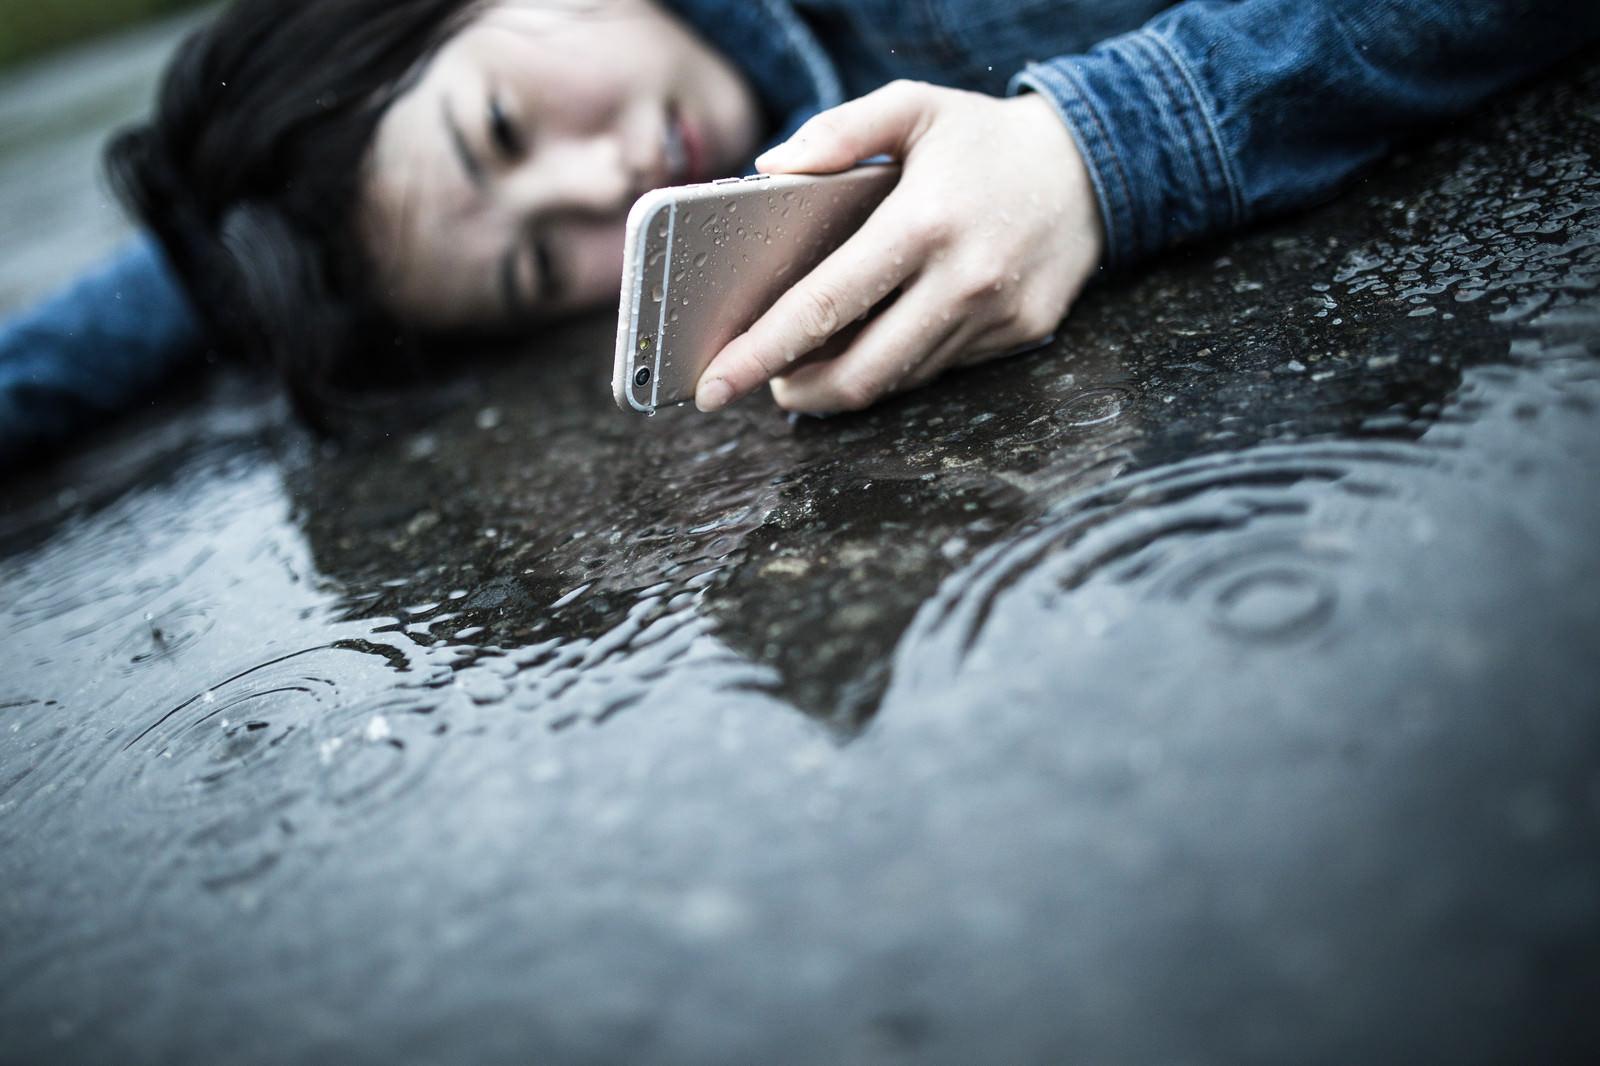 CHIHIROIMGL1439 TP V rainy day